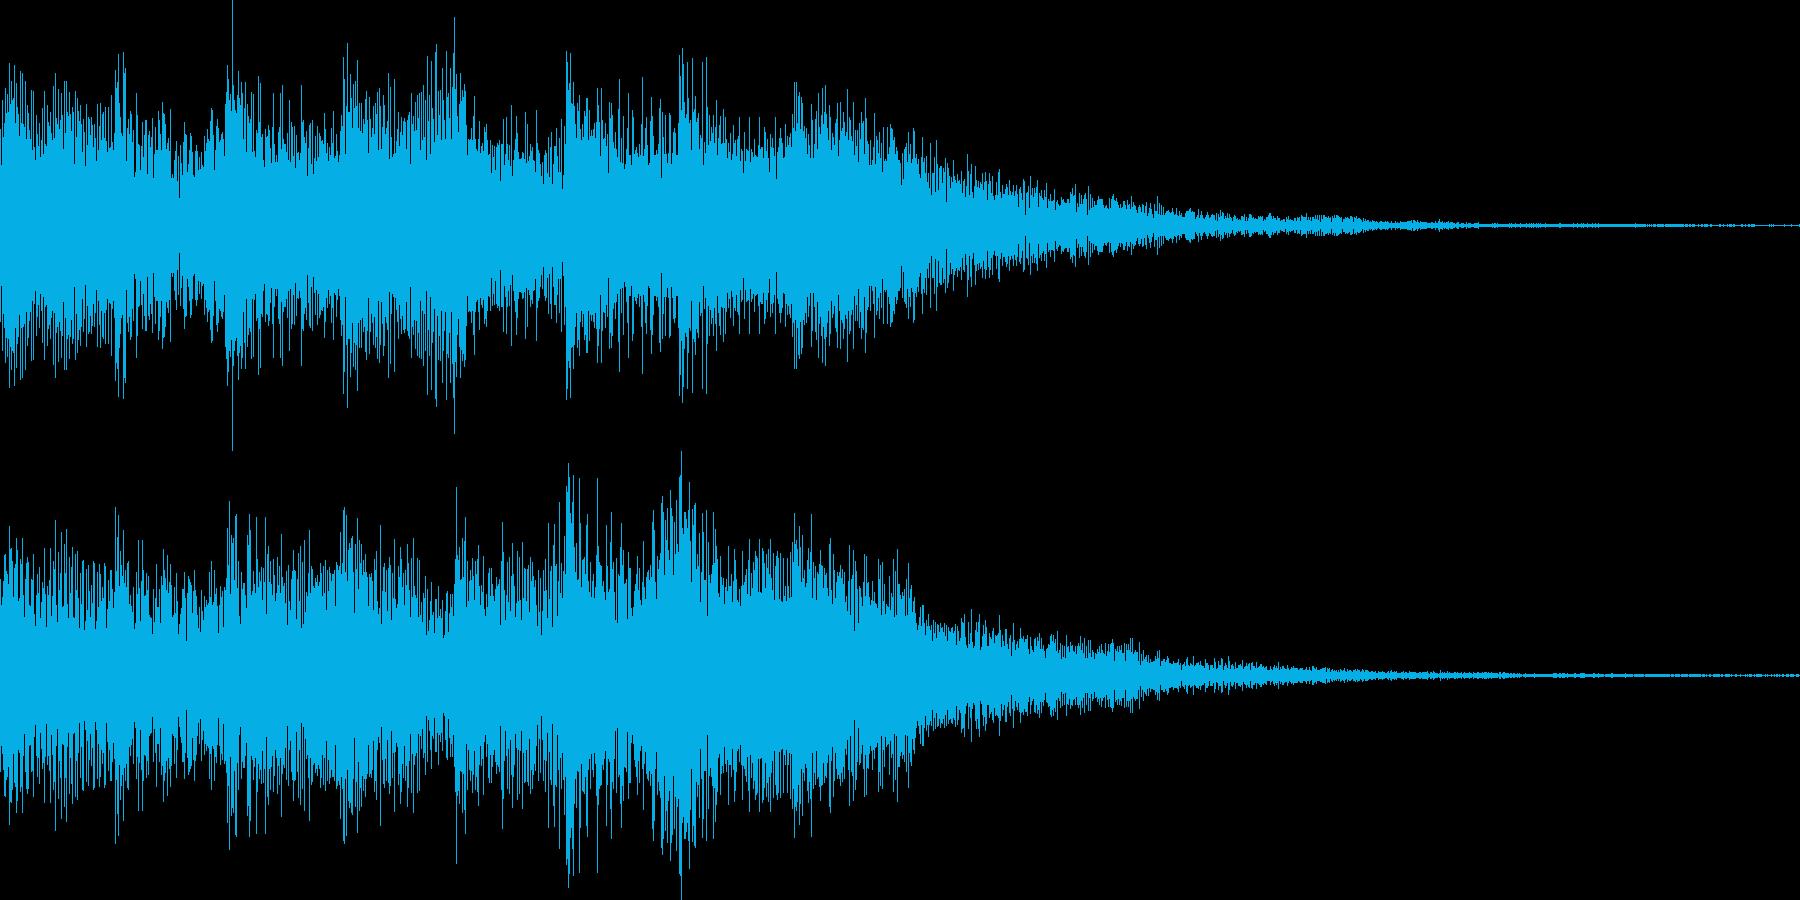 意味深な効果音の再生済みの波形